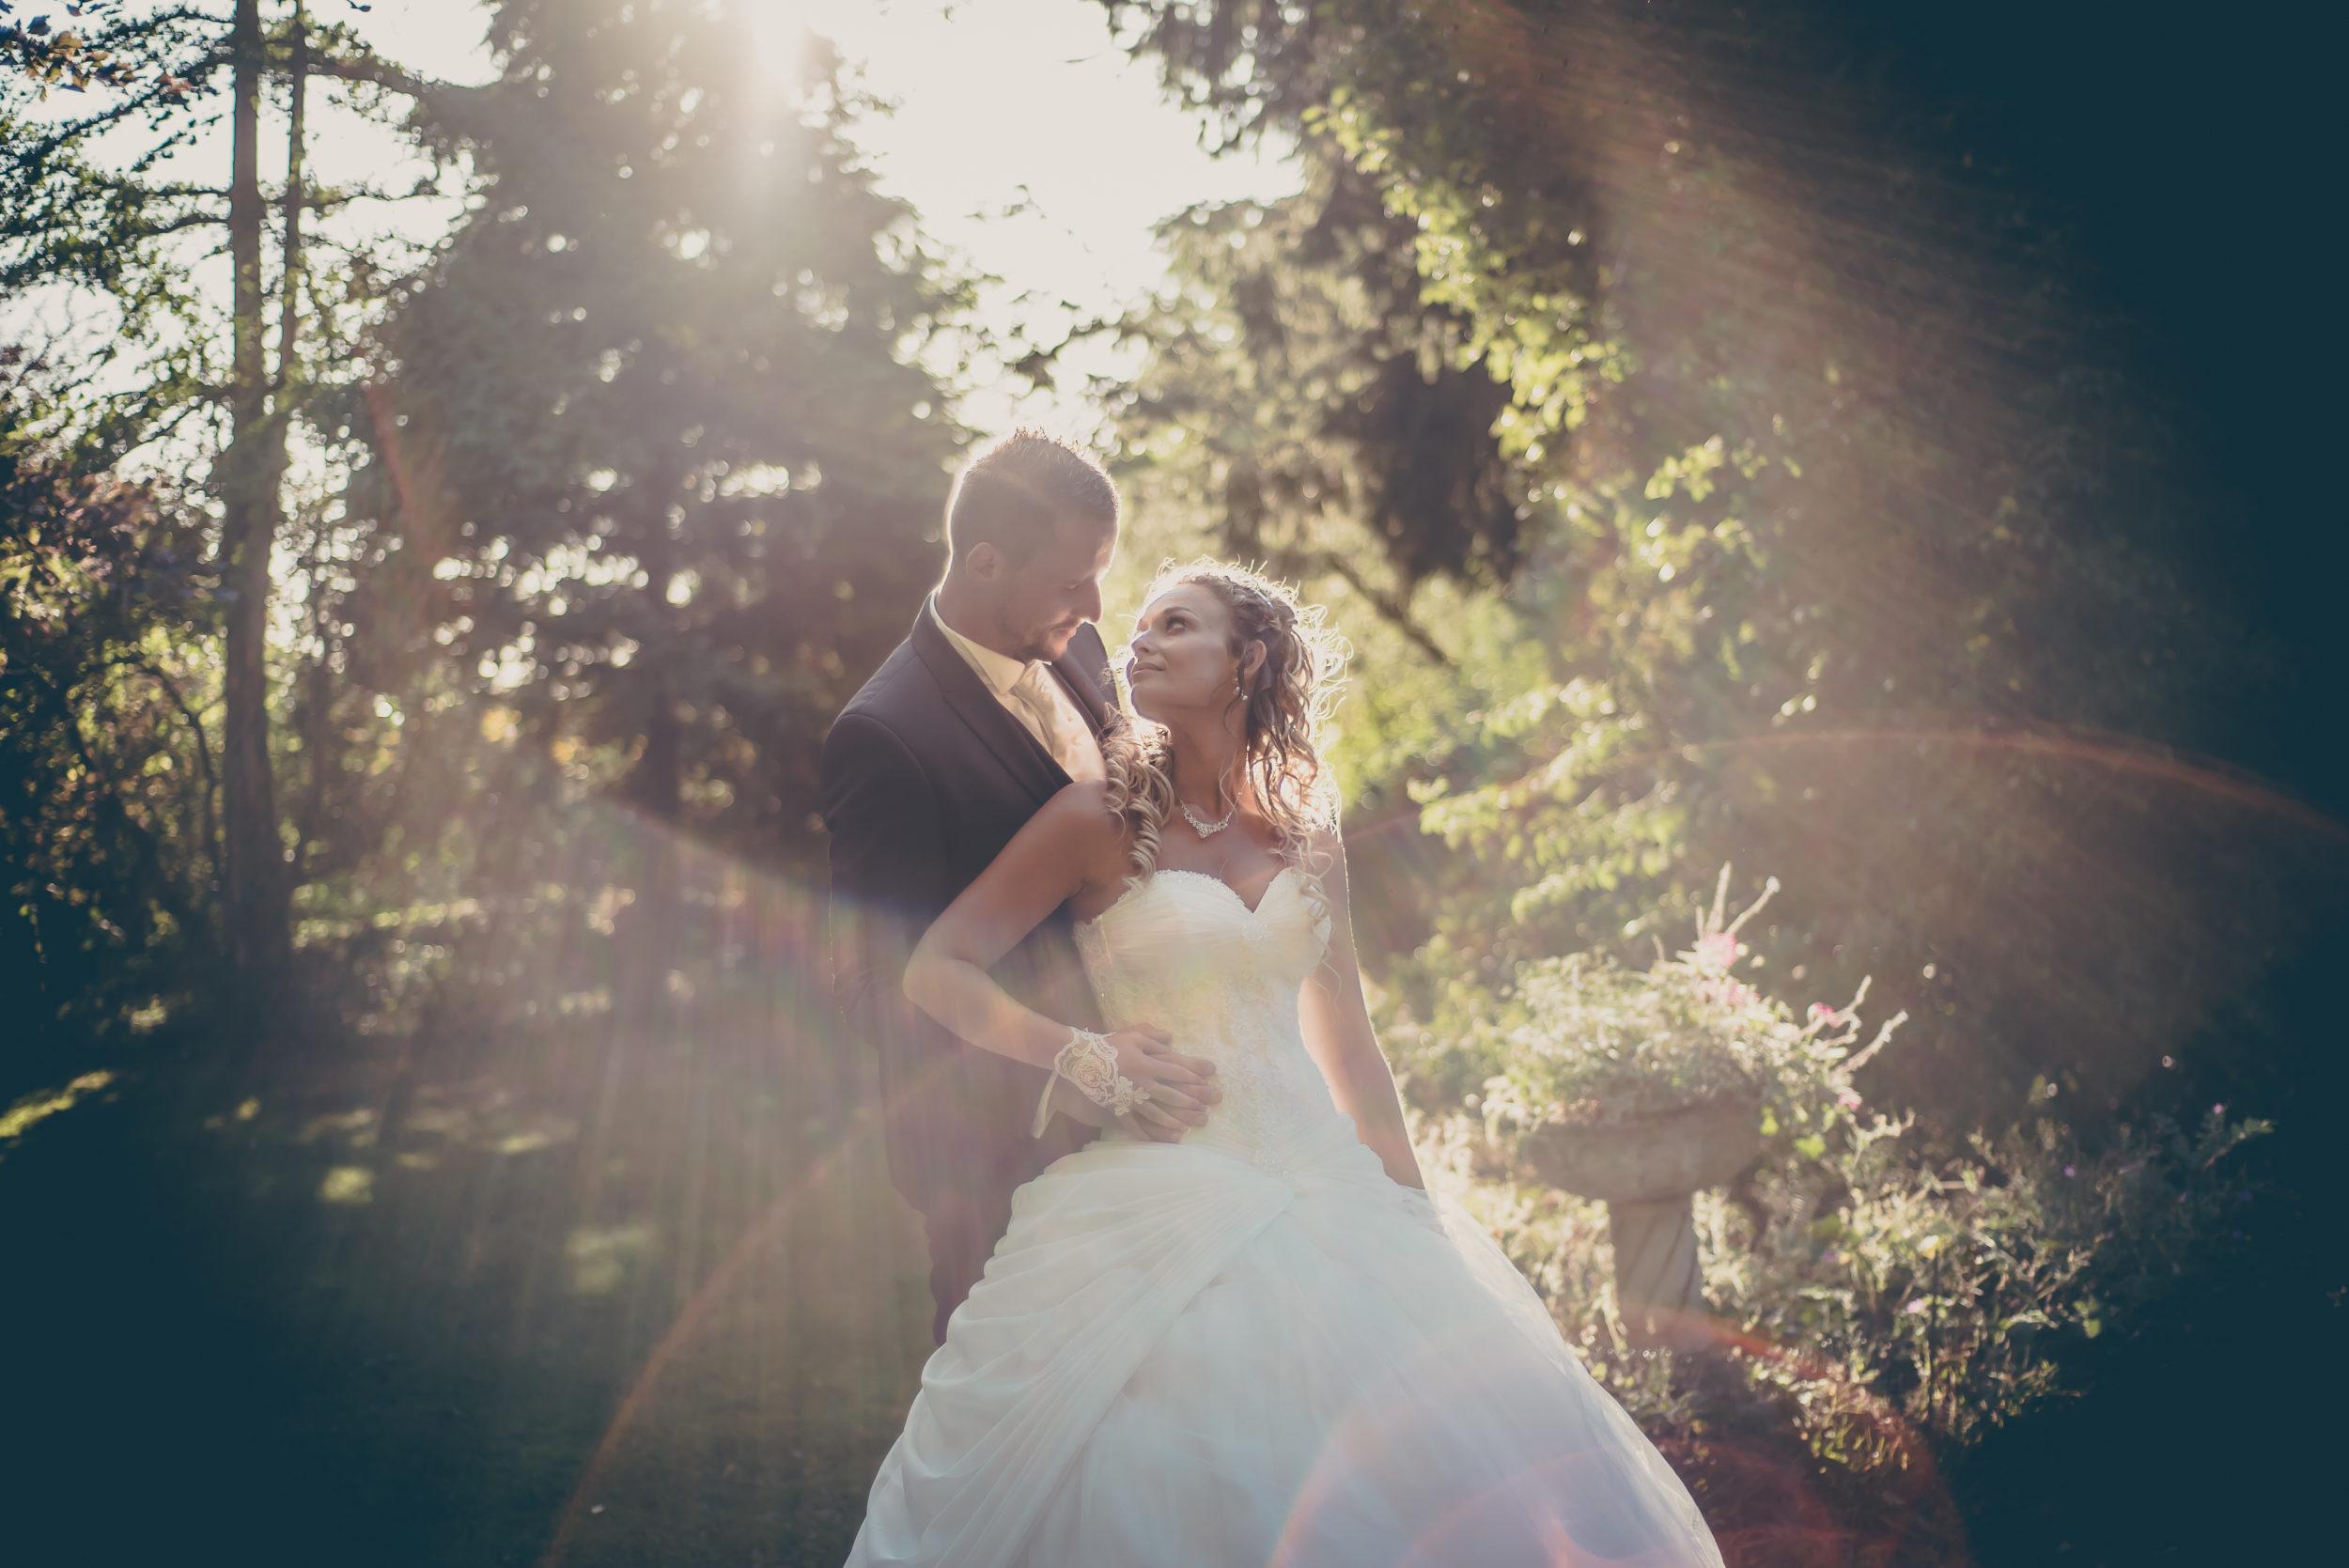 photographe mariage normandie, Me connaître